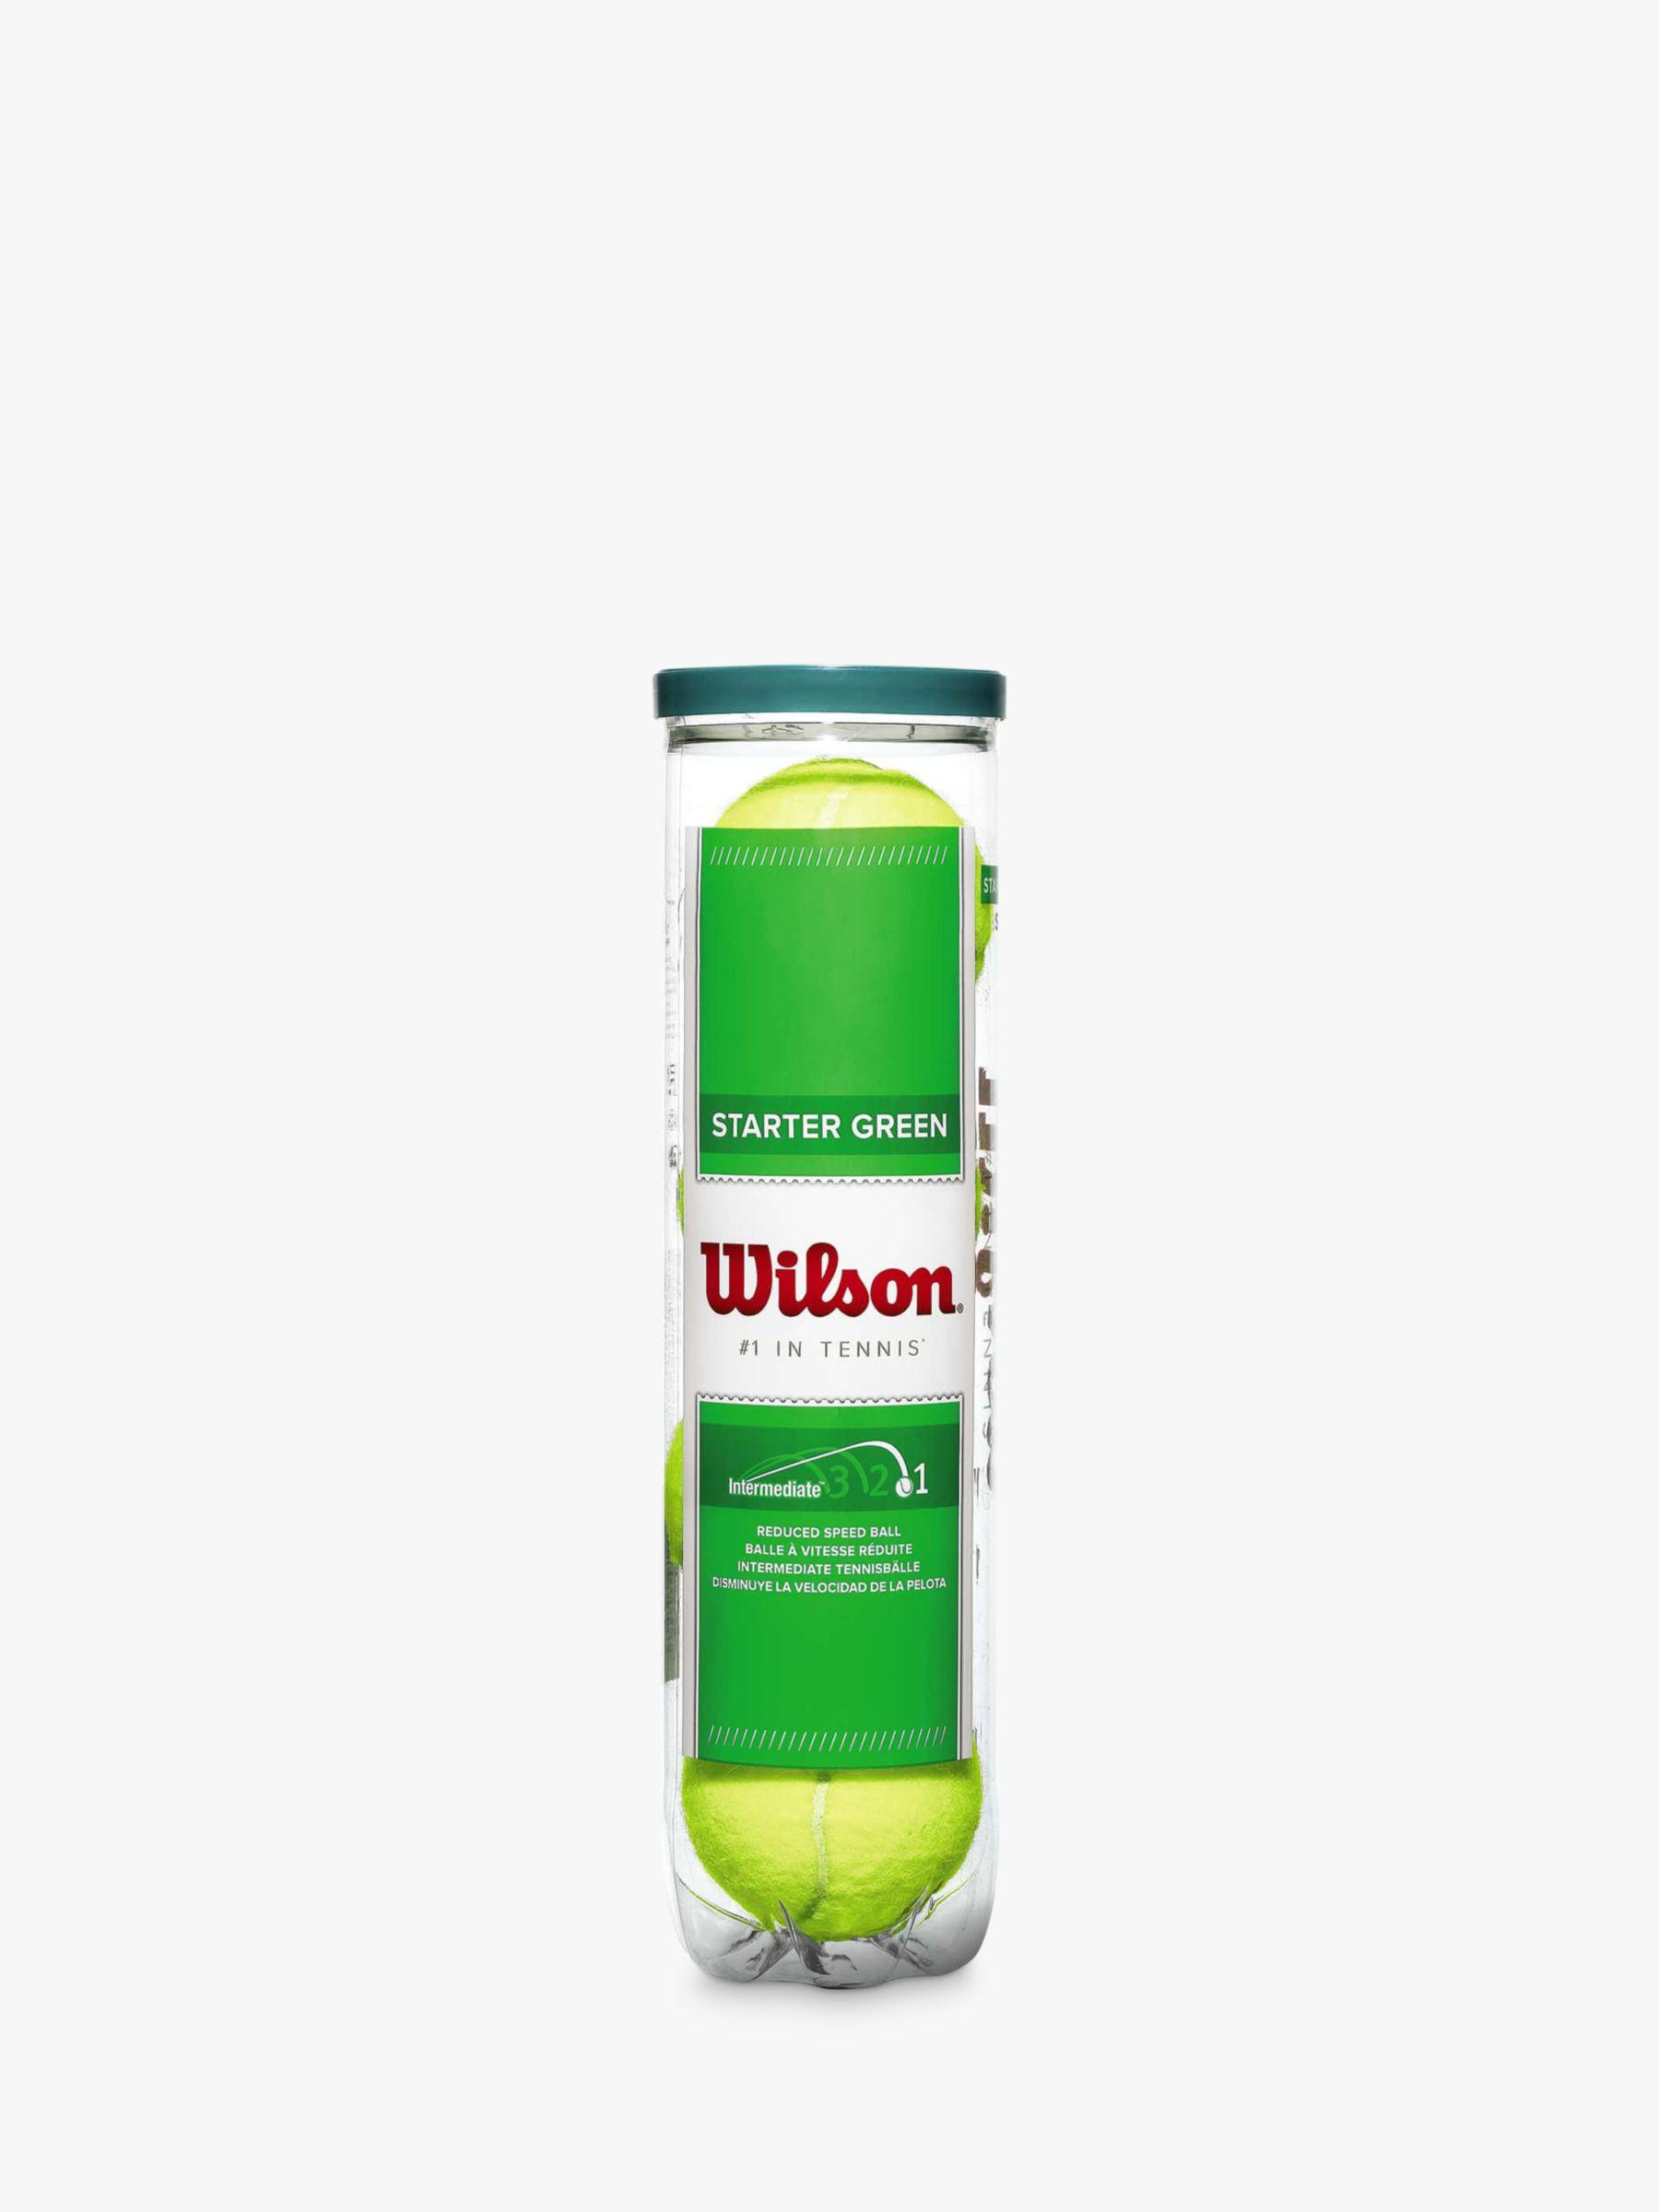 Wilson Wilson Starter Play Tennis Ball, Green, Pack of 4